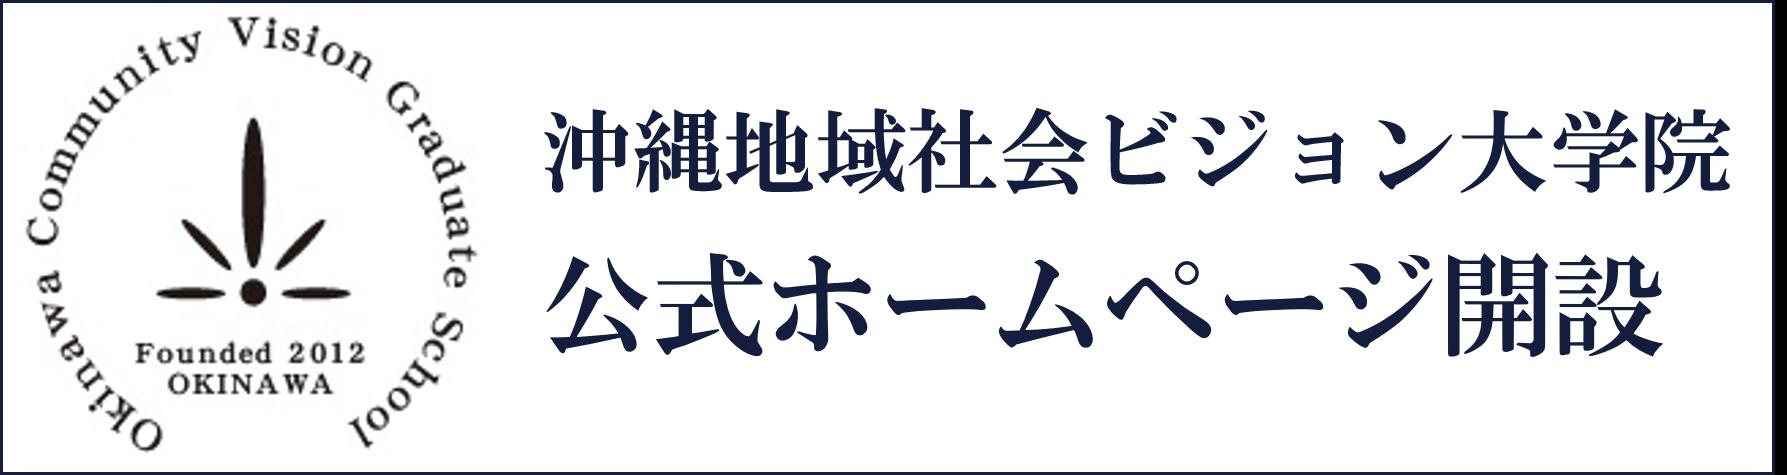 沖縄地域社会ビジョン大学院